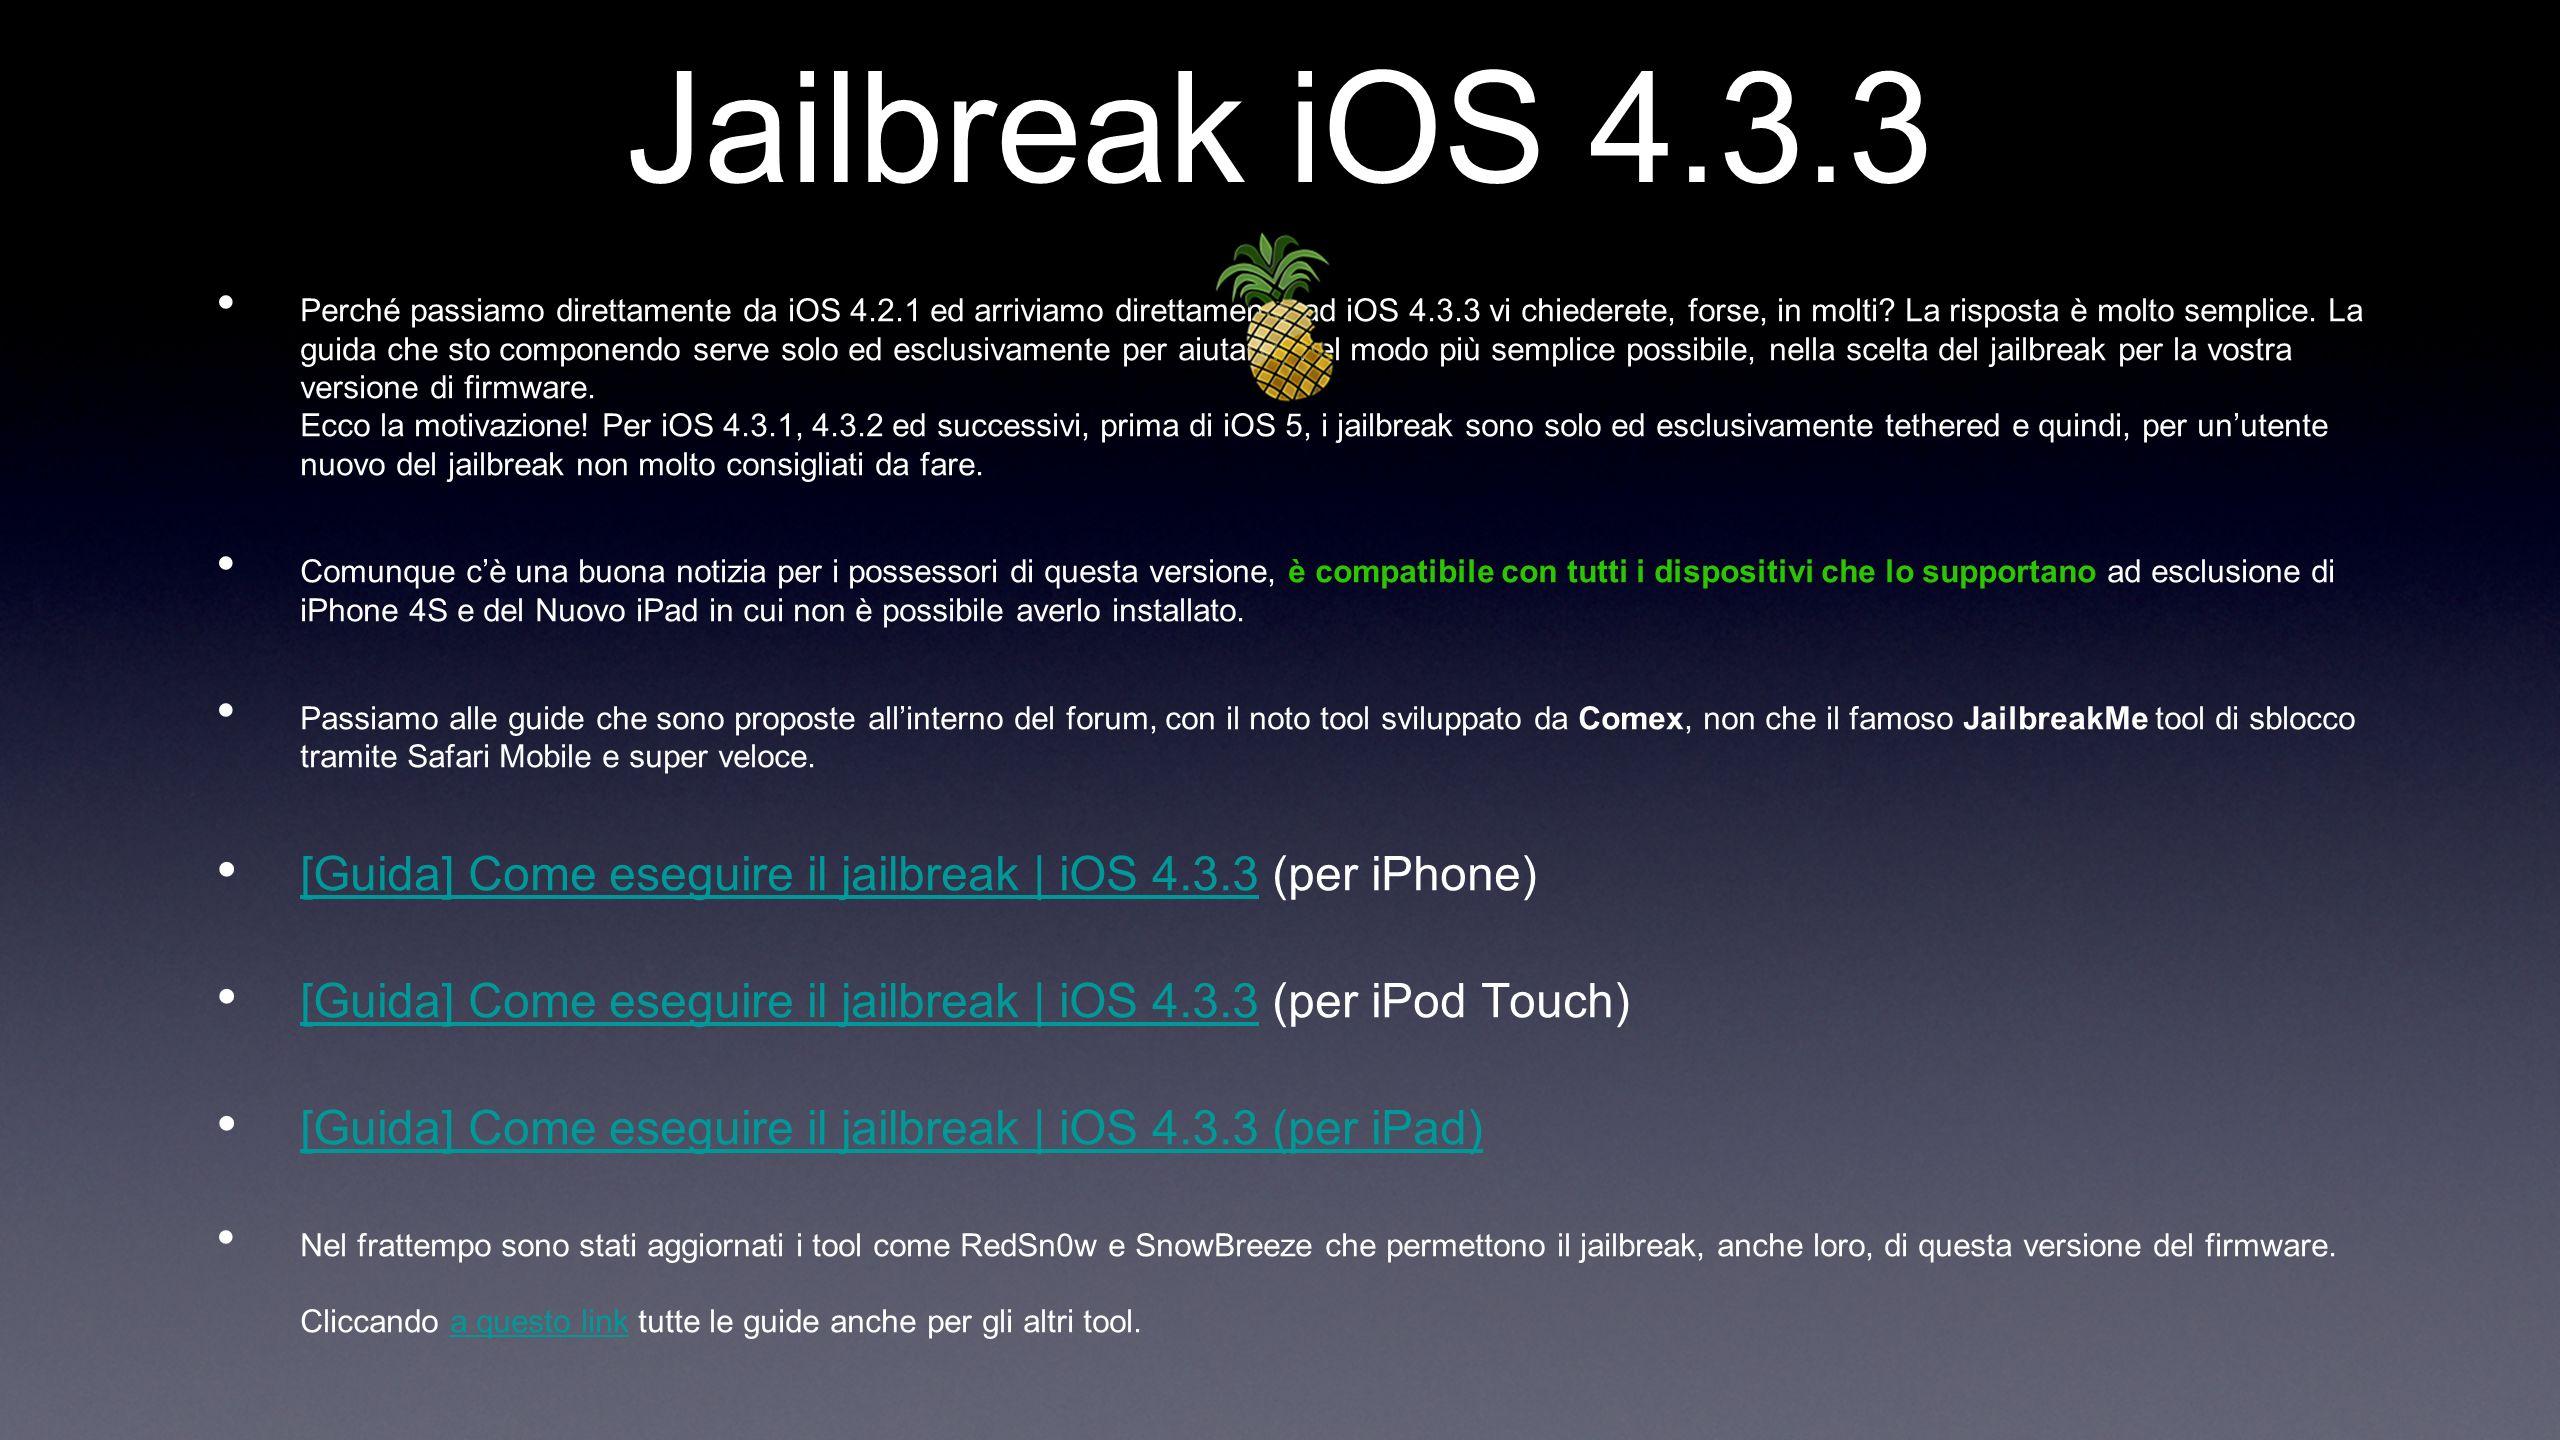 Jailbreak iOS 4.3.3 Perché passiamo direttamente da iOS 4.2.1 ed arriviamo direttamente ad iOS 4.3.3 vi chiederete, forse, in molti.